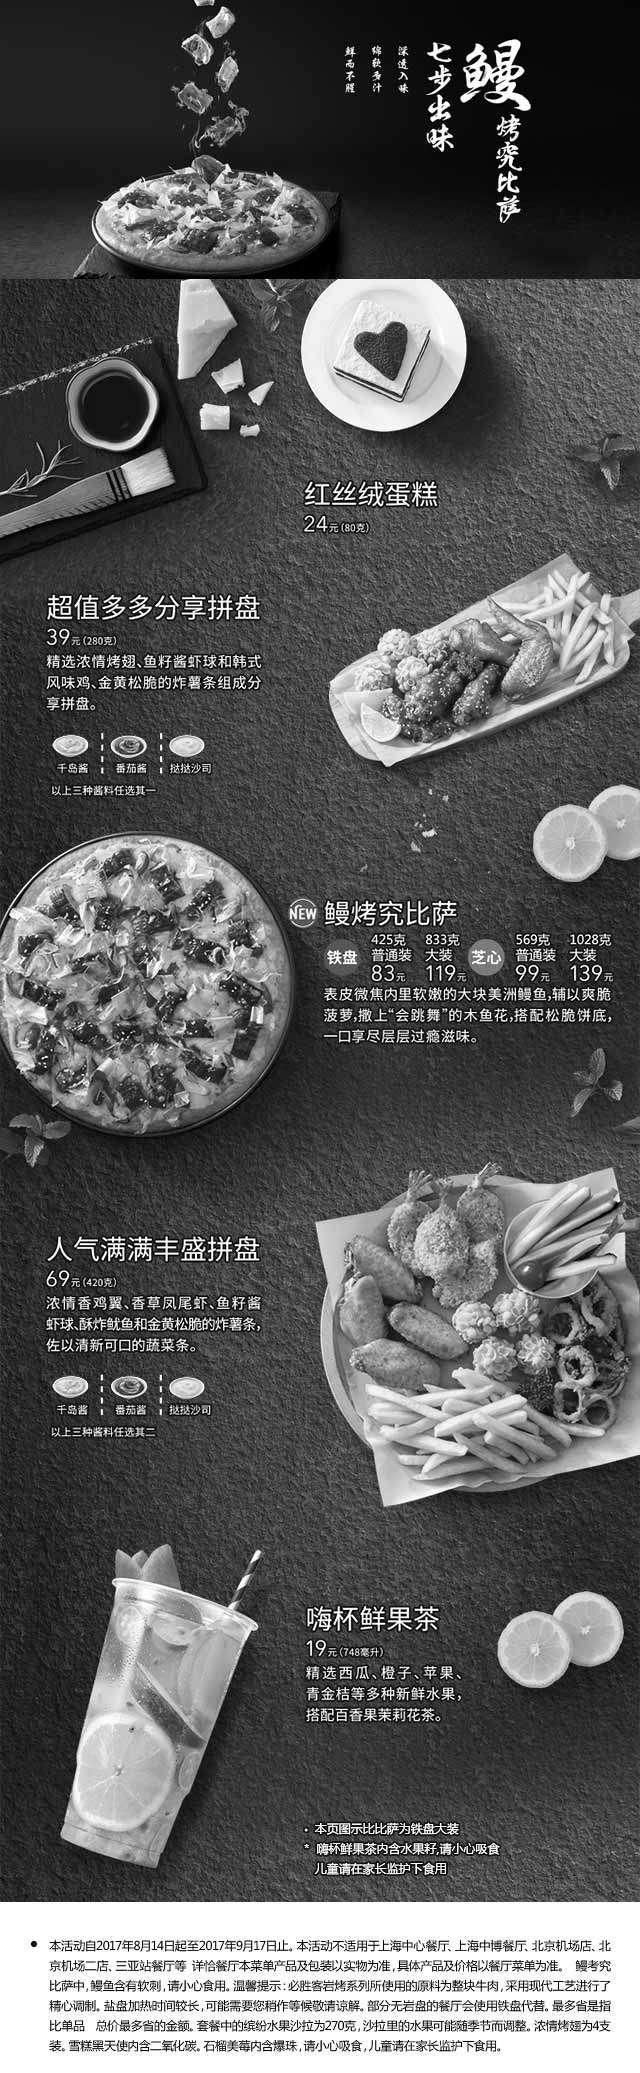 黑白优惠券图片:必胜客新品鳗烤究比萨登陆全国  83元起,必胜客鳗鱼比萨 - www.5ikfc.com